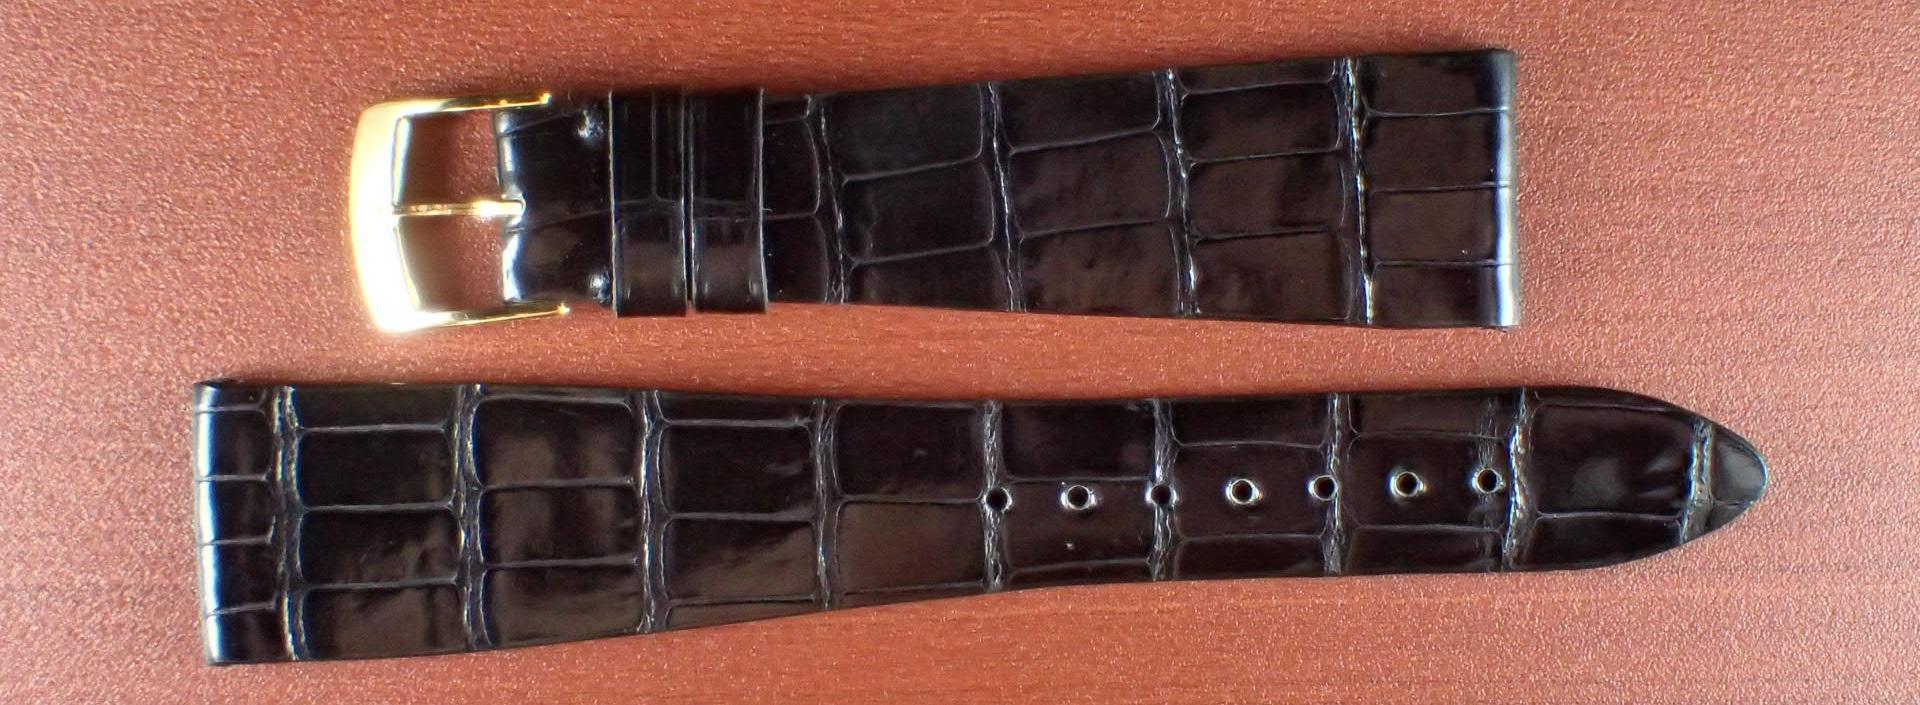 ジャン・クロード ペラン革ベルト(オールドペラン)クロコダイル ブラック 20mm